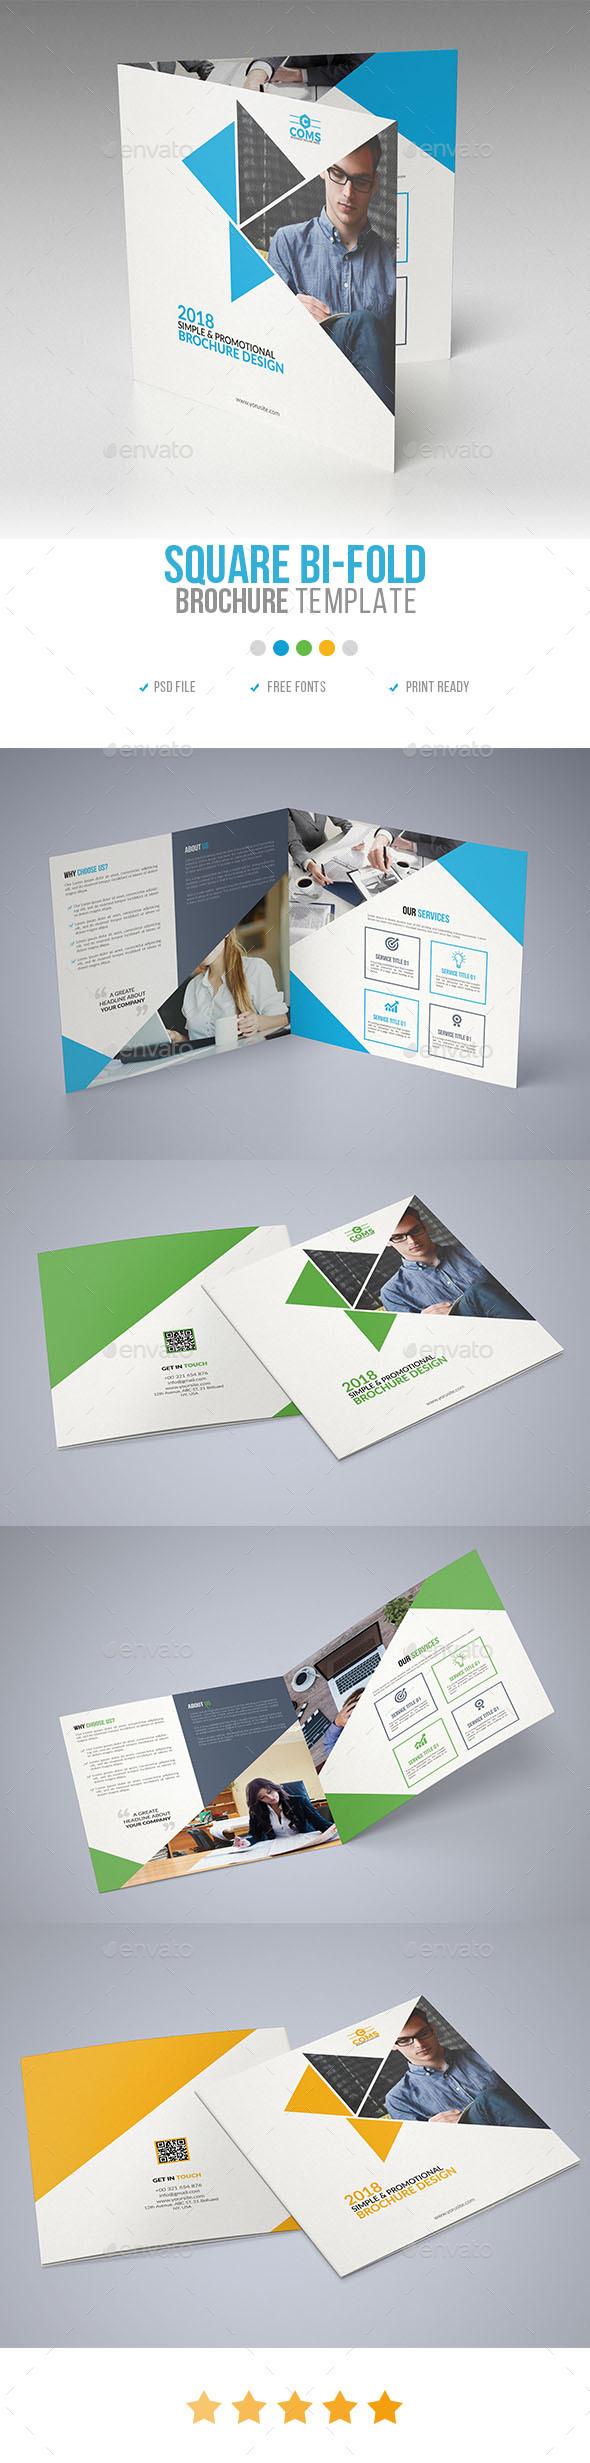 Corporate Square Bi Fold Brochure 03 - Corporate Brochures